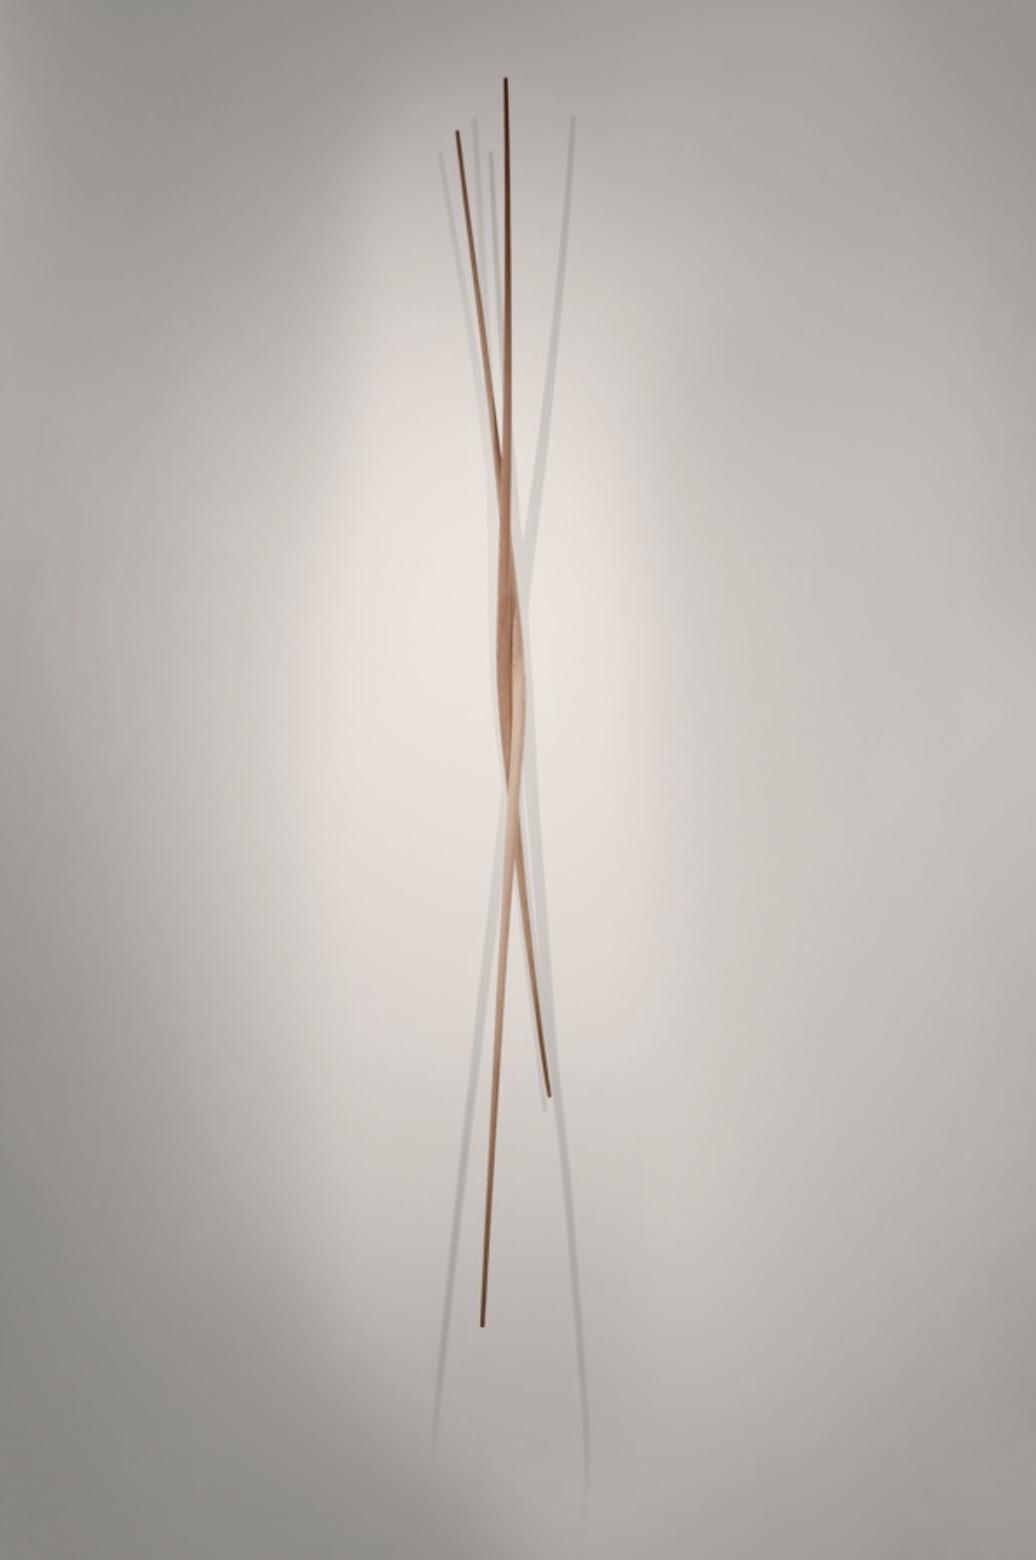 a wood sculpture by artist Christopher Kurtz